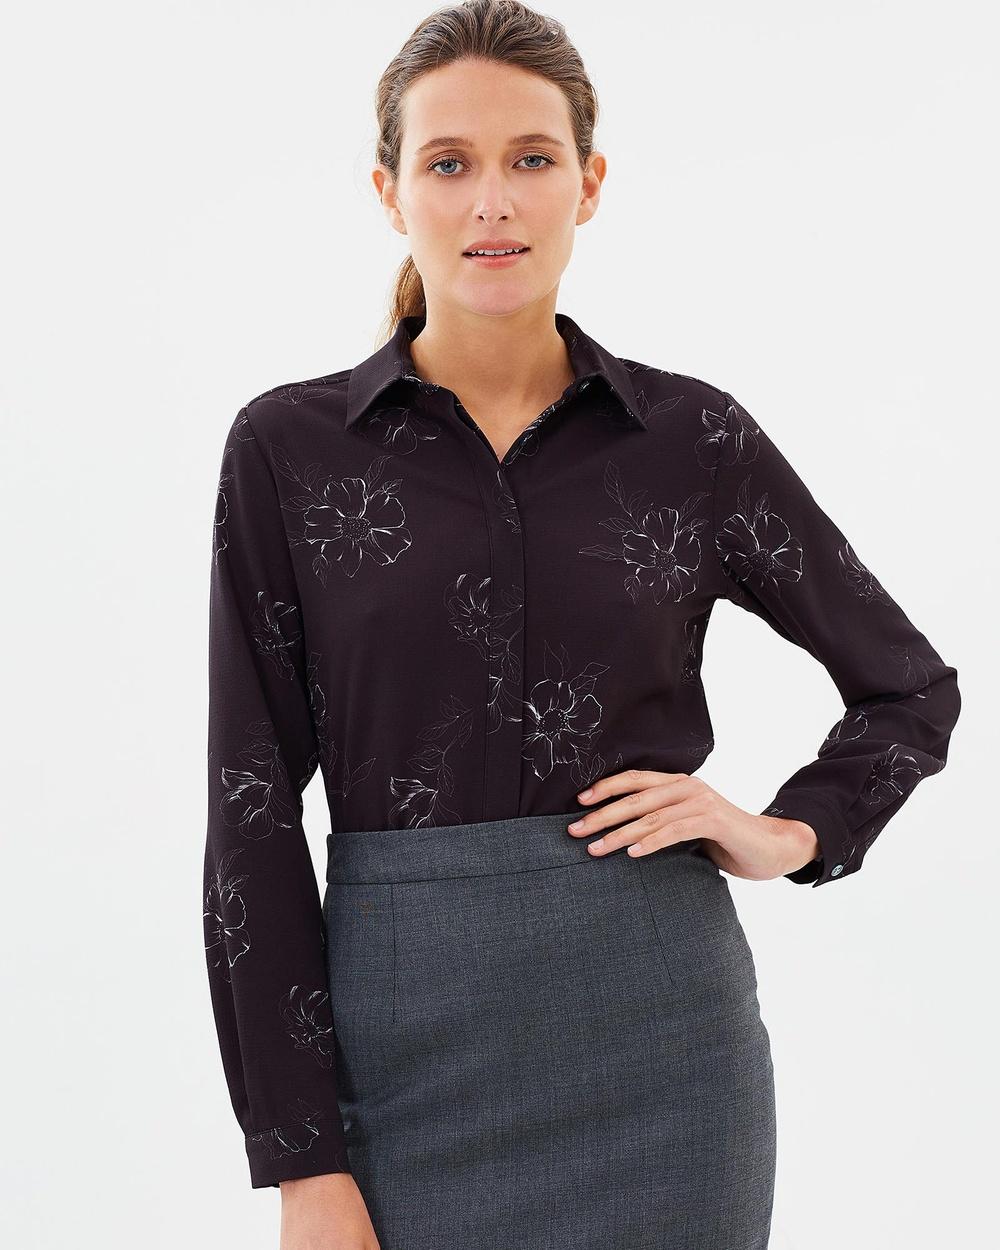 Farage Natalie Shirt Tops Black Natalie Shirt